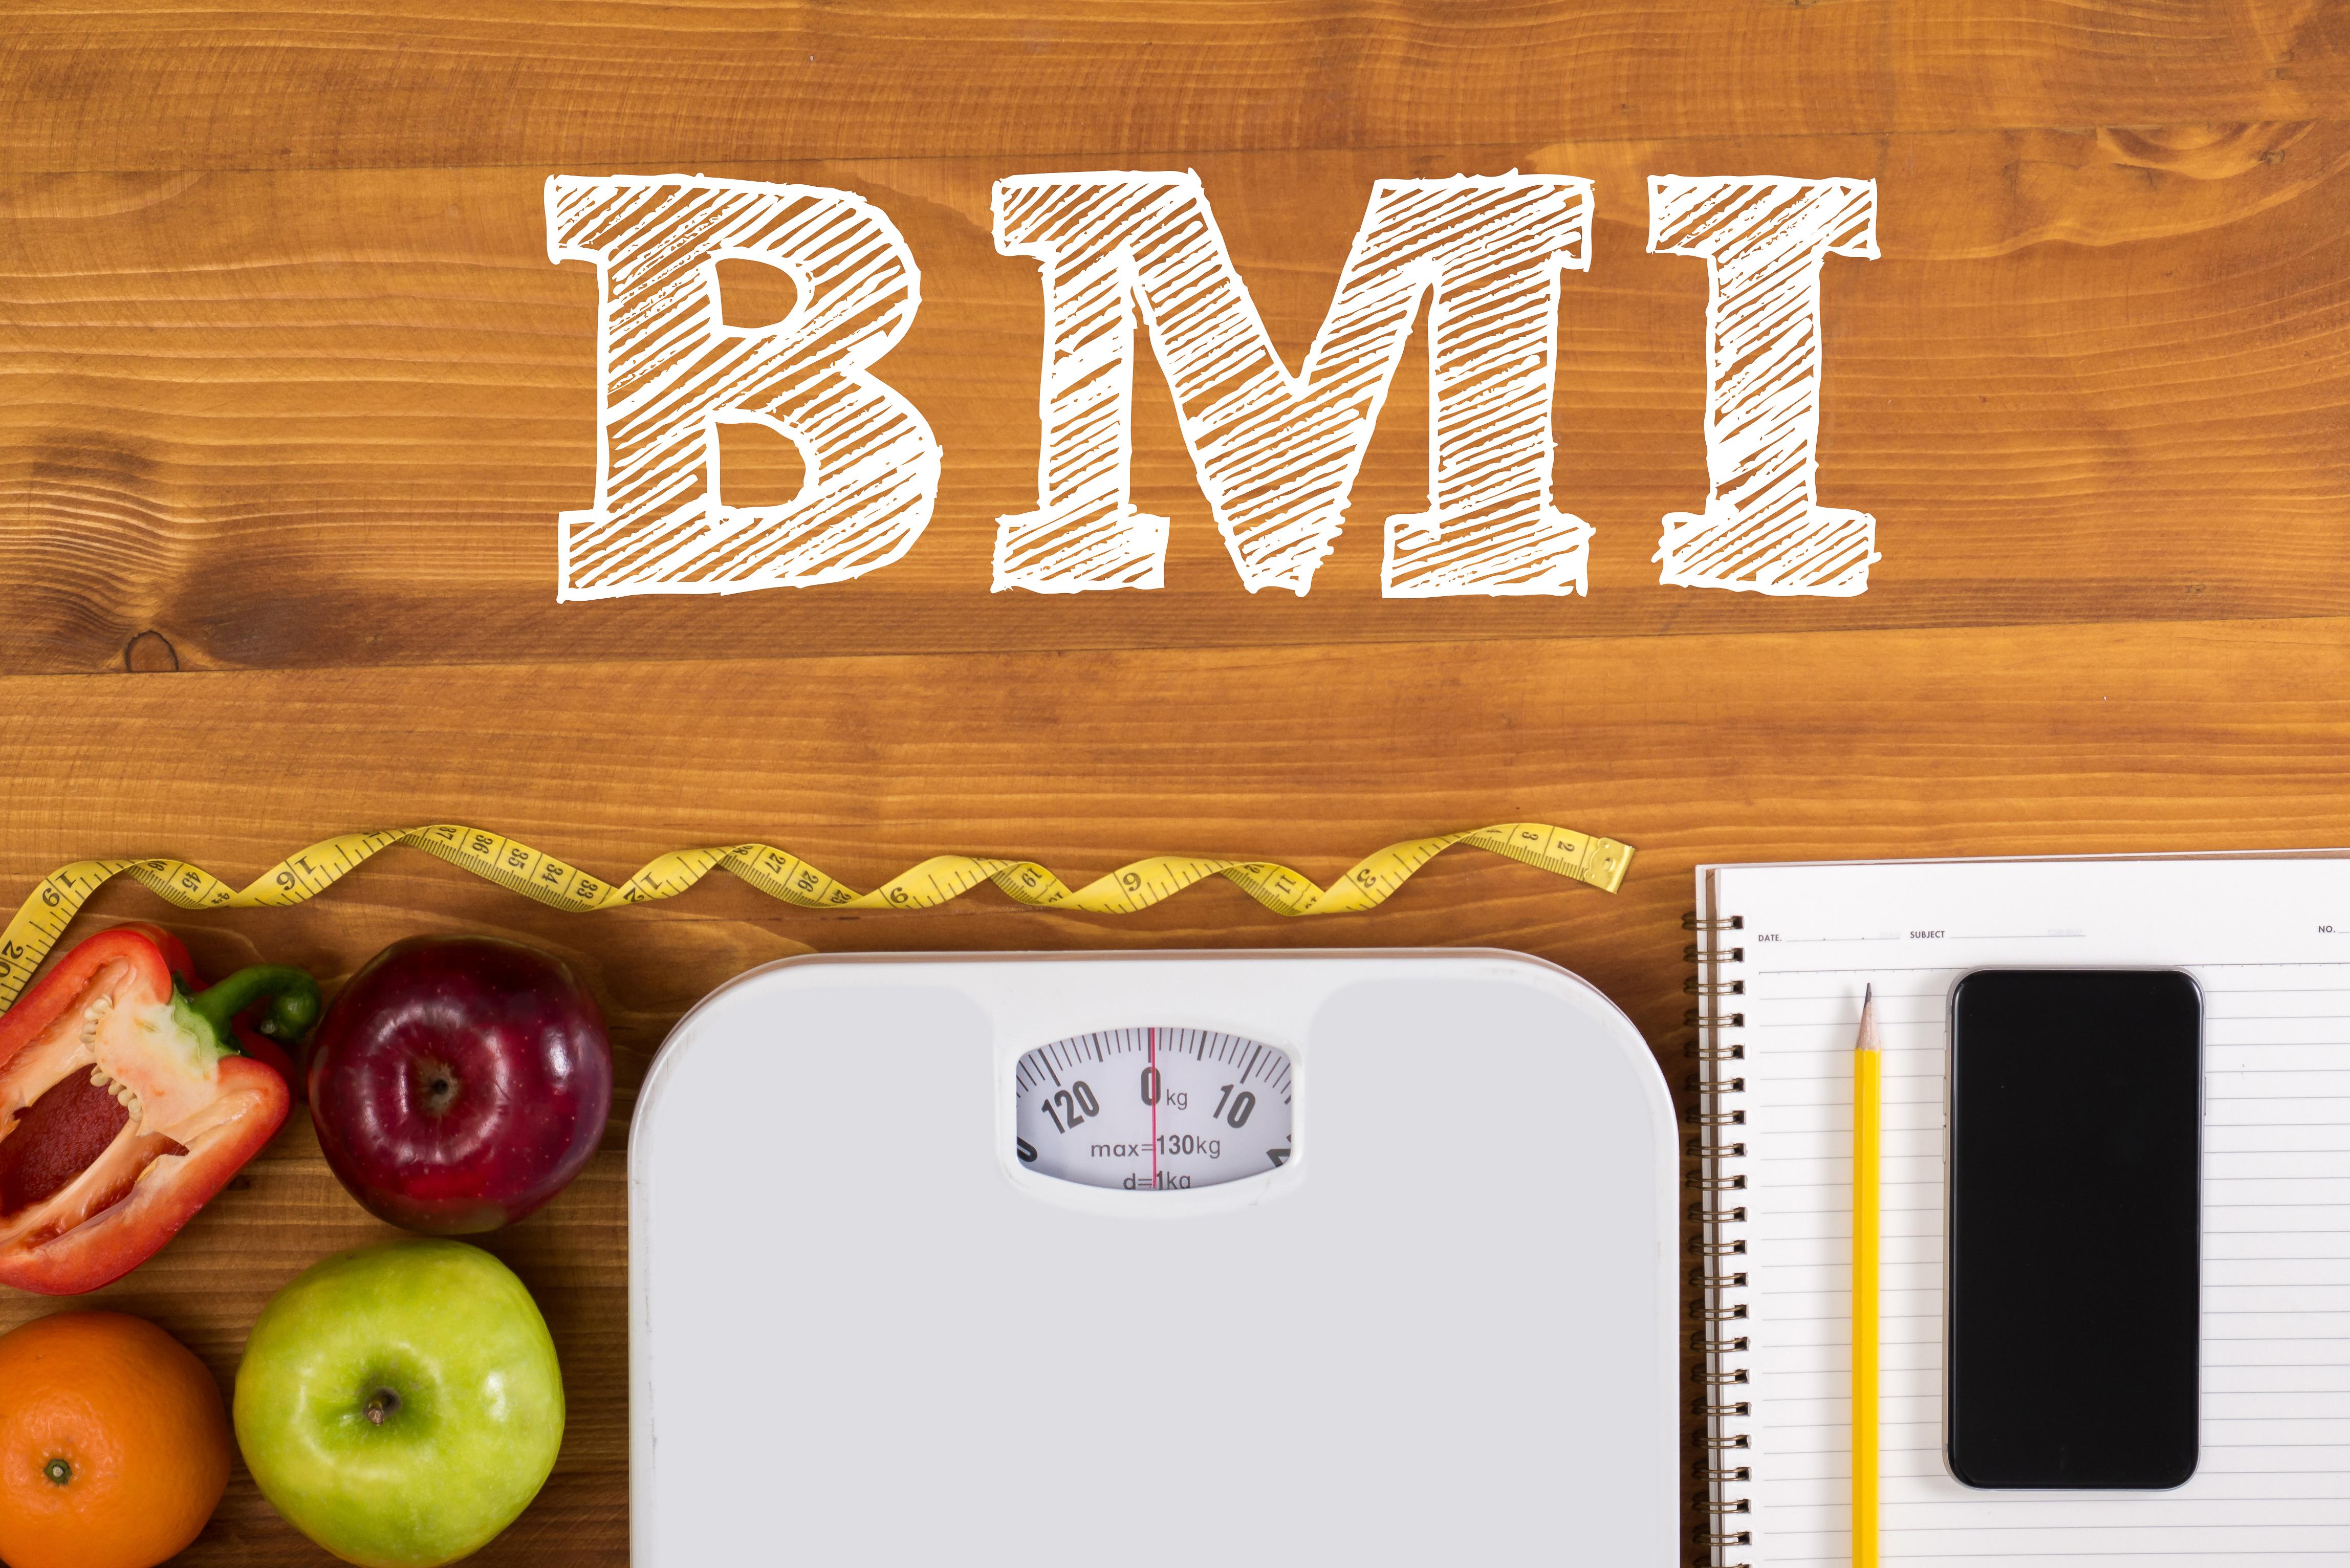 BMI är ett internationellt mått för att skatta övervikt och fetma. BMI bygger på relationen mellan en persons längd och vikt.